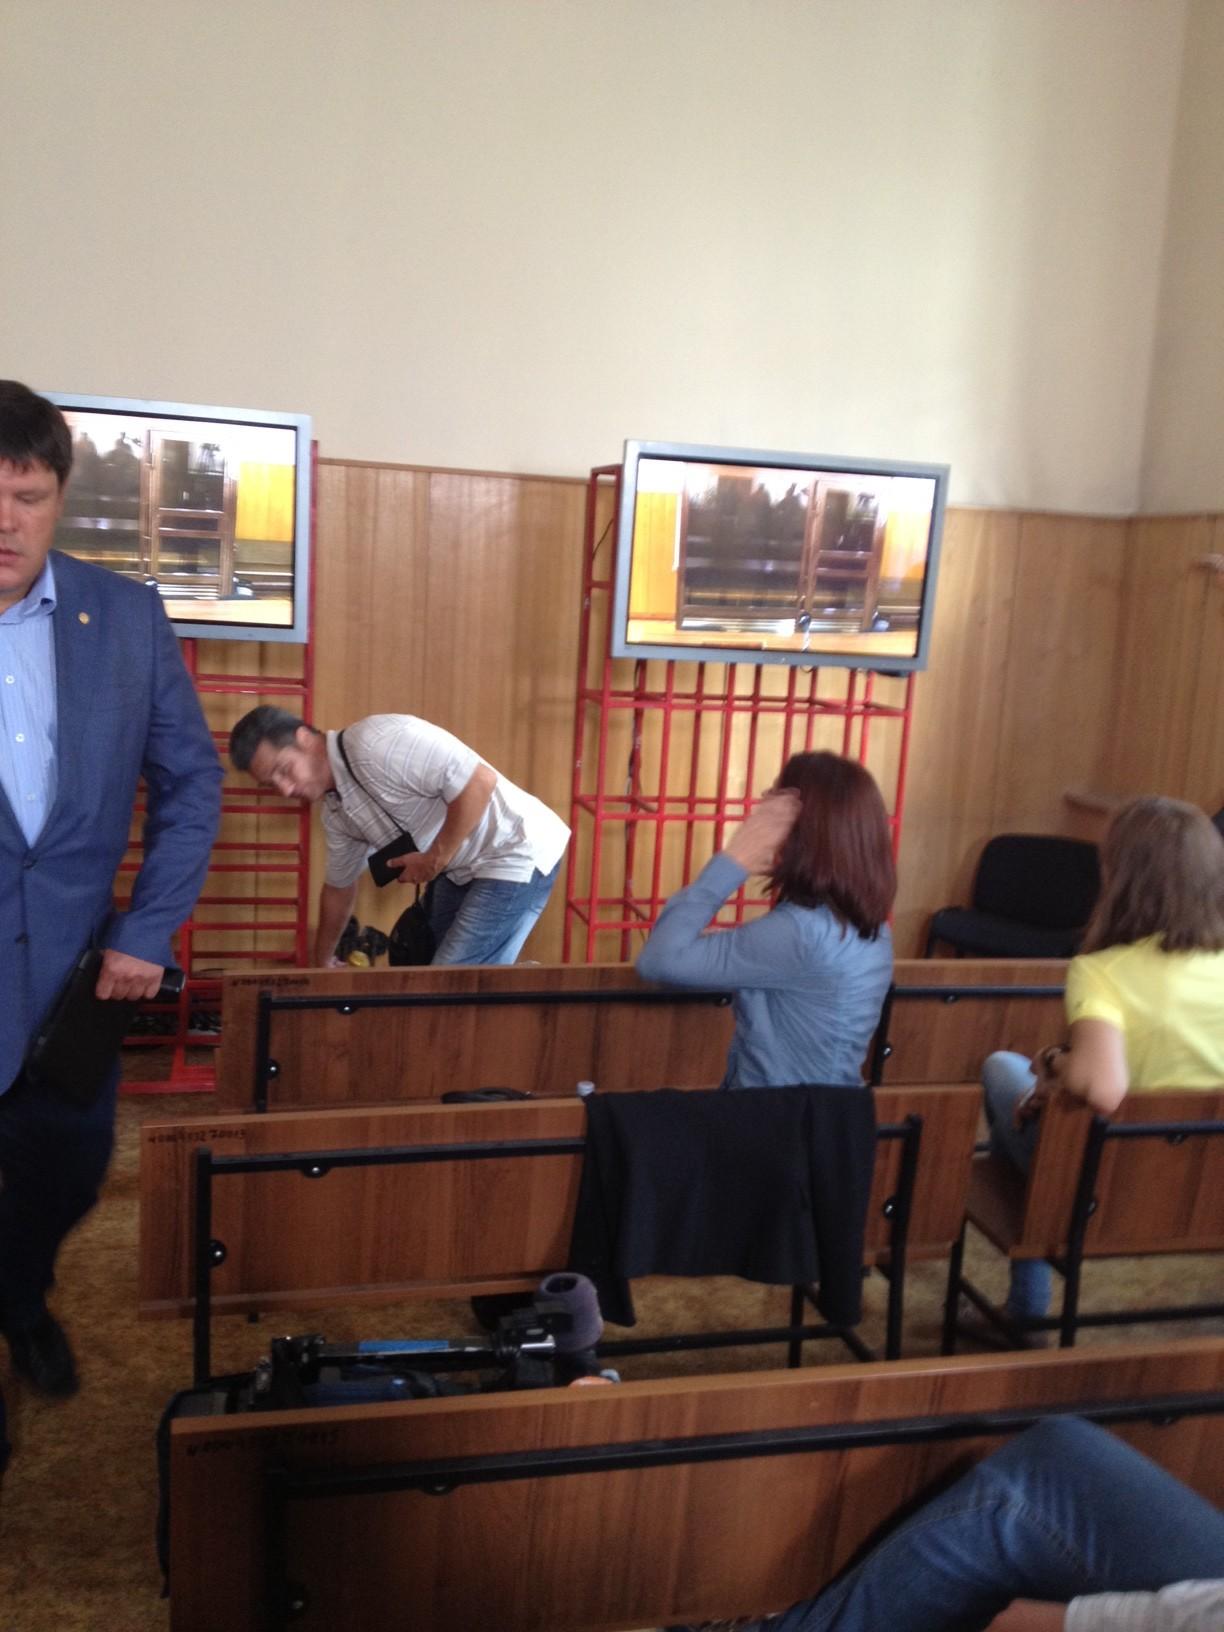 зал для работы СМИ, куда вялась прямая трансляция судебного заседания